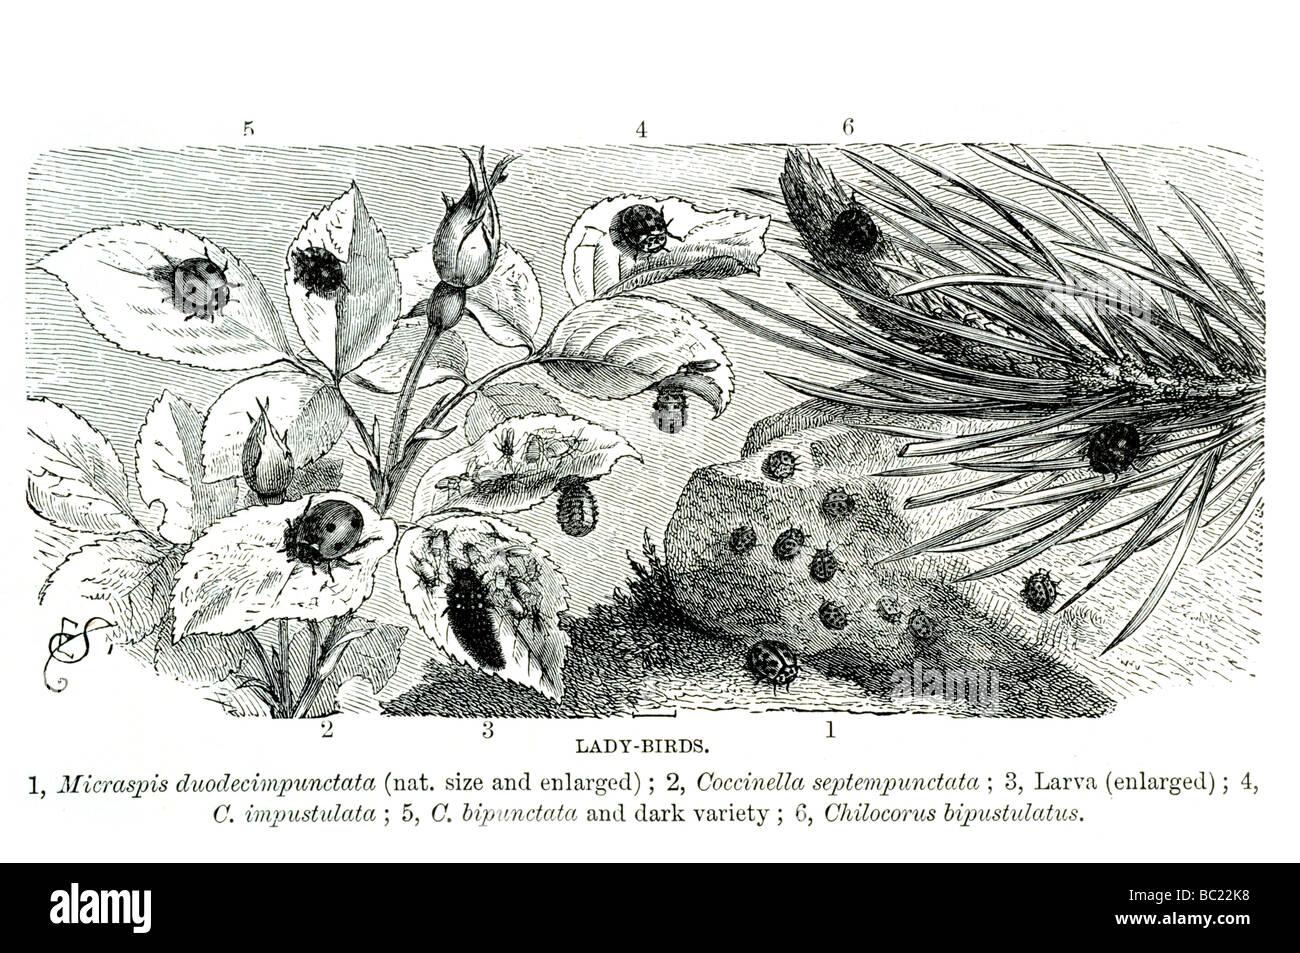 Lady Bird Book Stock Photos & Lady Bird Book Stock Images - Alamy